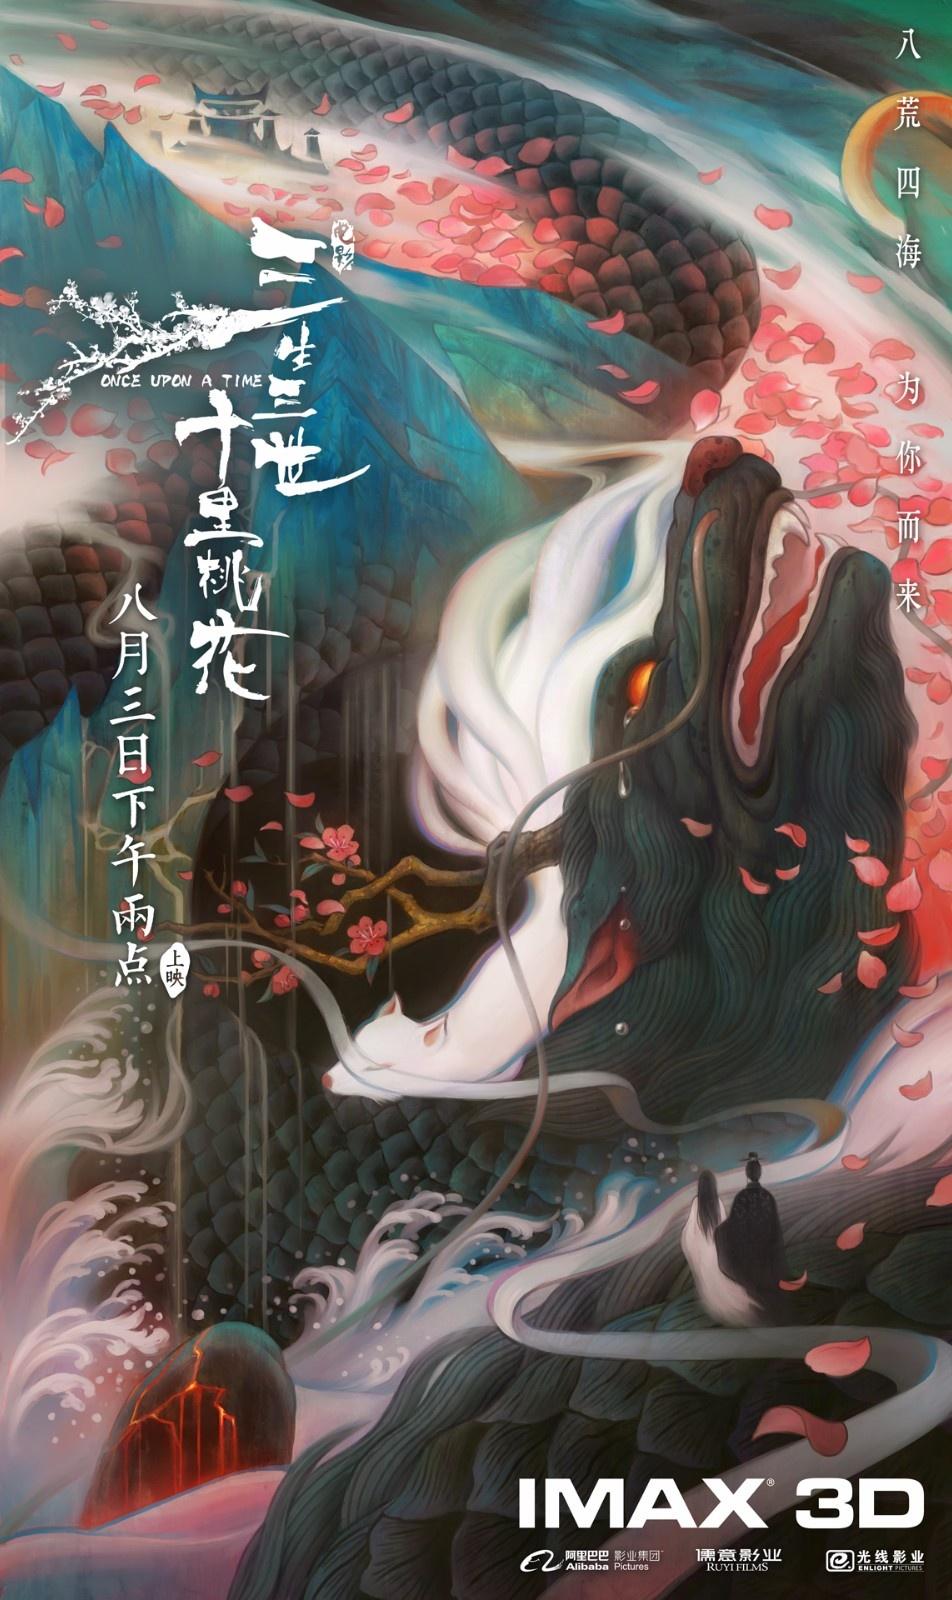 《三生三世十里桃花》曝光张春手绘imax独家海报